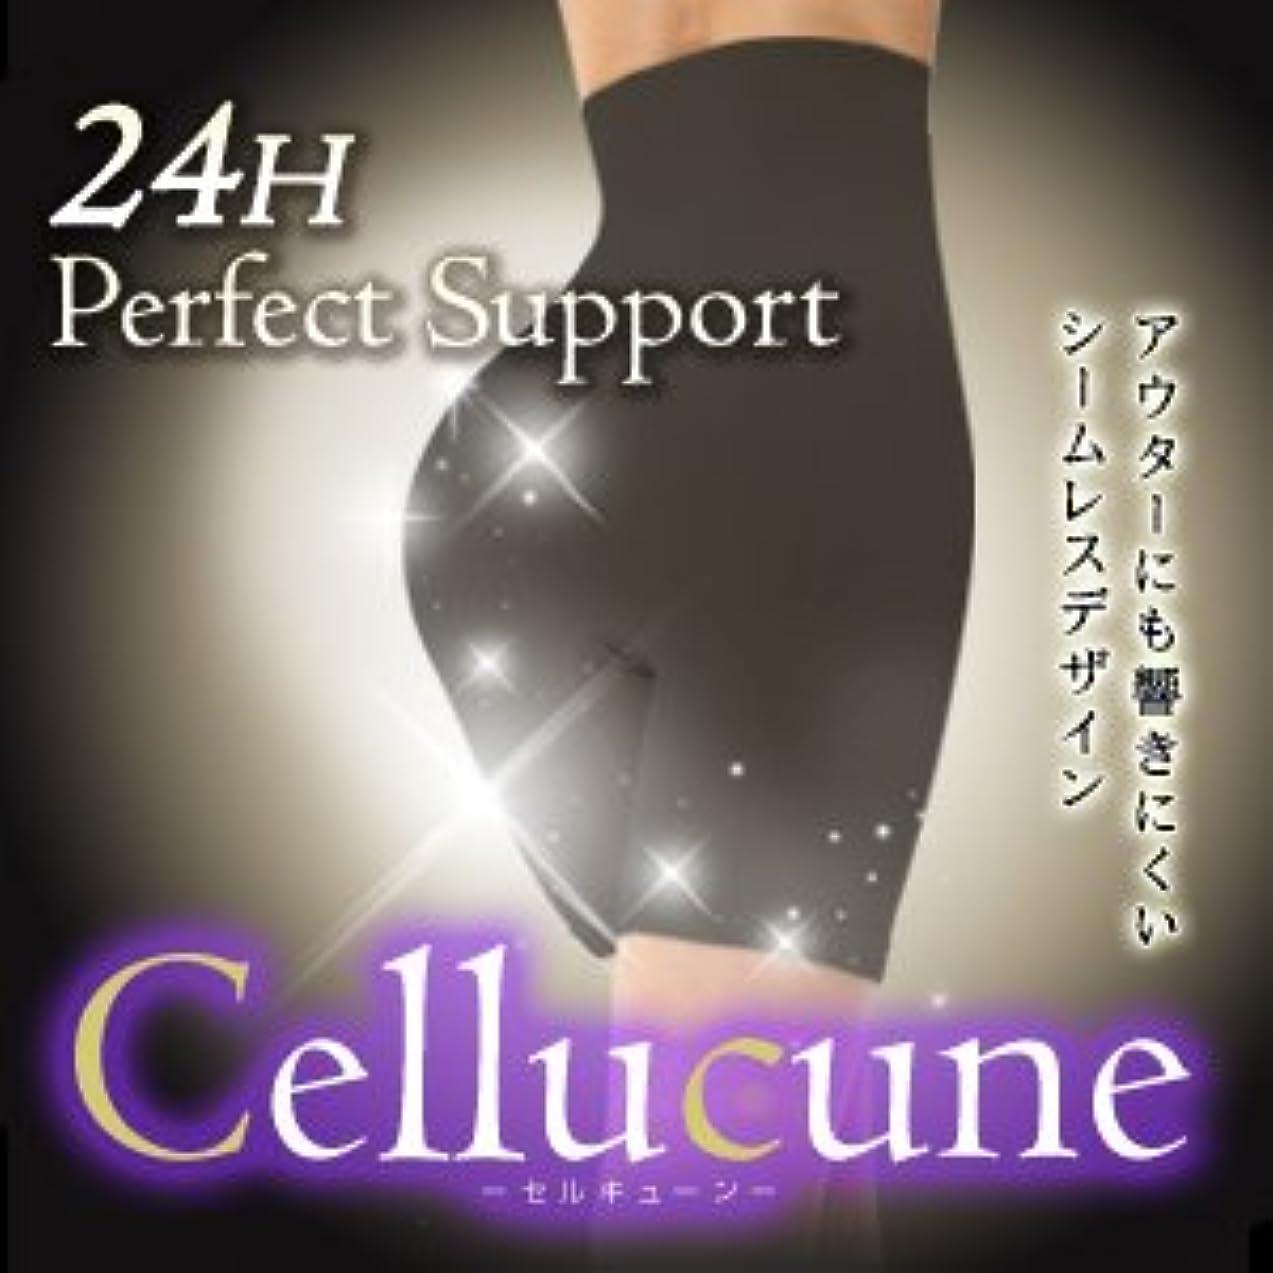 正確さポーク士気【M-L】セルキューン -Cellucune- 痩身特化骨盤補正ショーツ